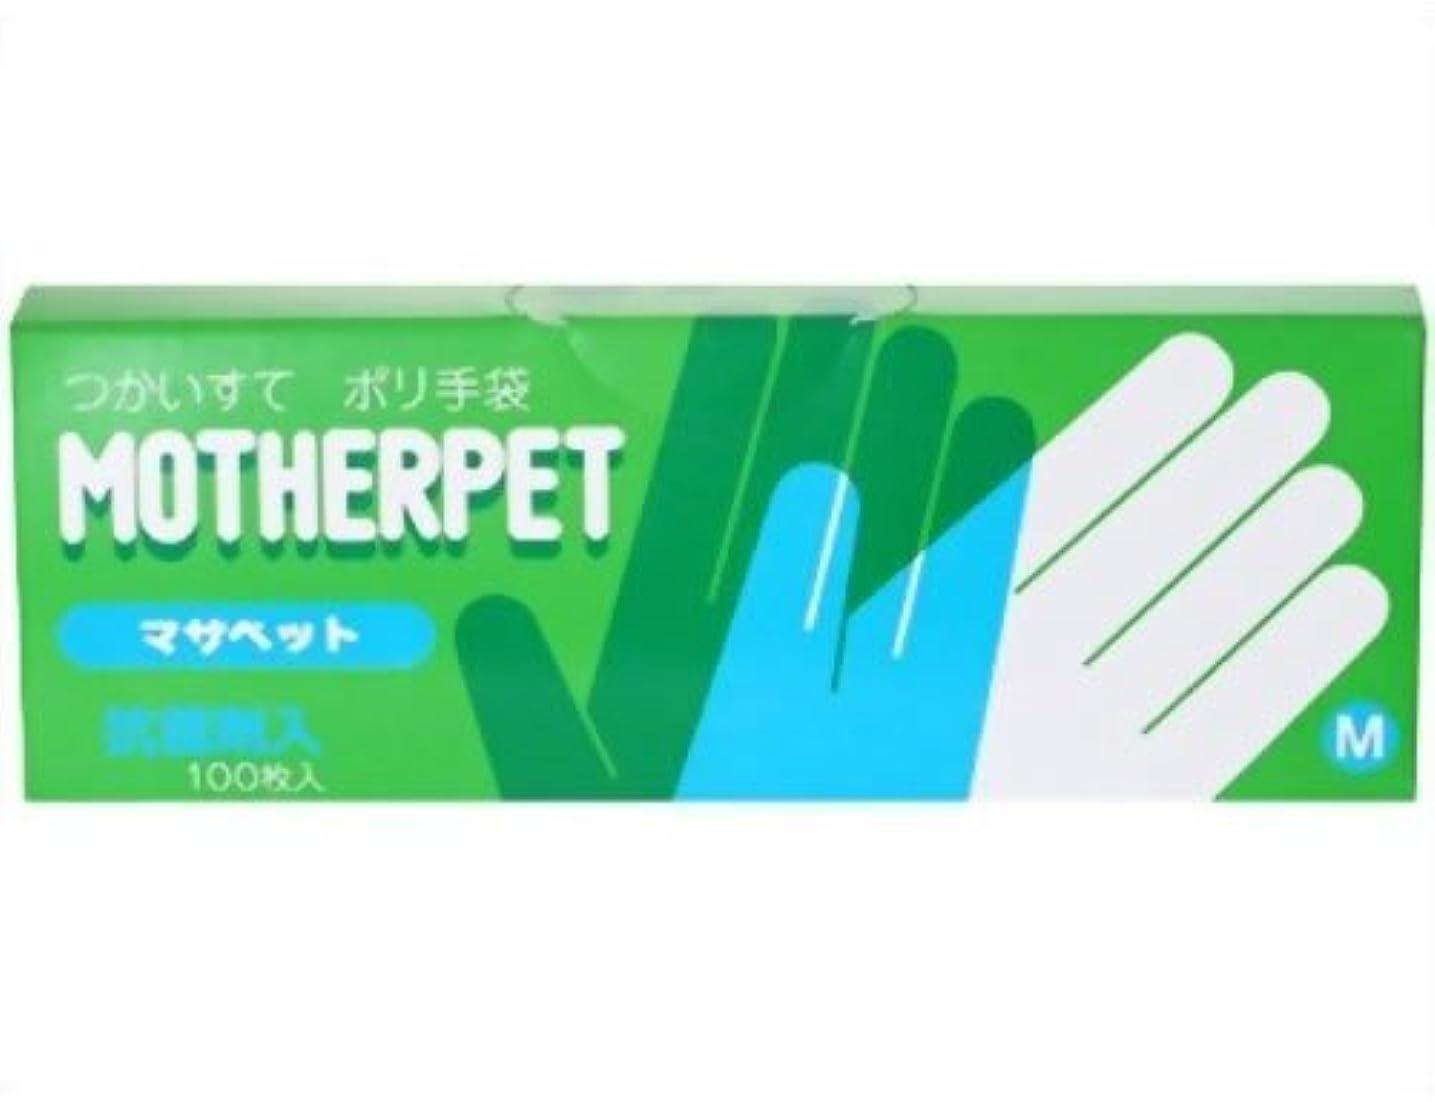 インセンティブ値ブロック宇都宮製作 マザペット ポリ手袋 M 100枚入 × 15個セット